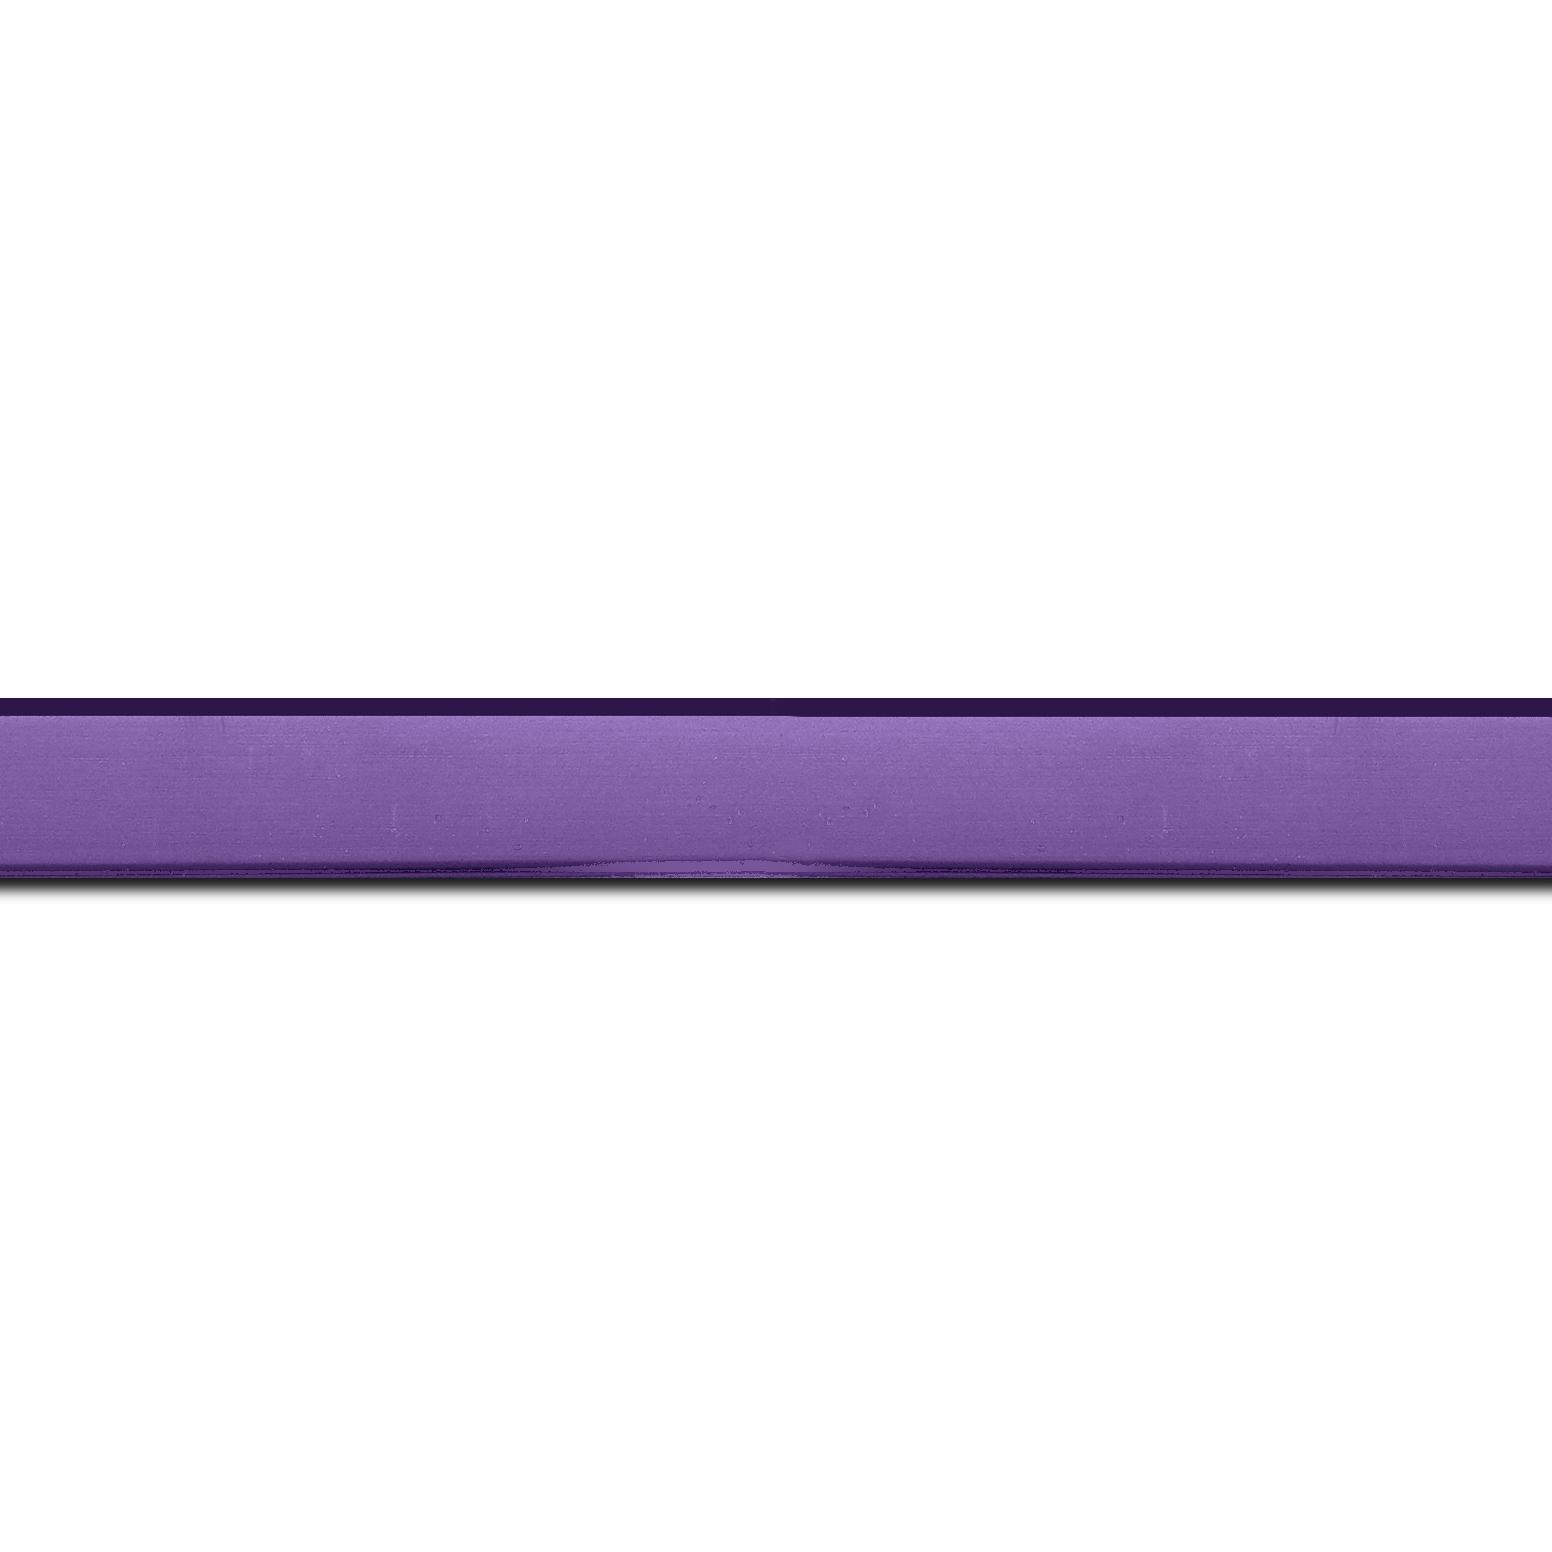 Baguette longueur 1.40m bois profil plat effet cube largeur 1.7cm couleur lavande satiné